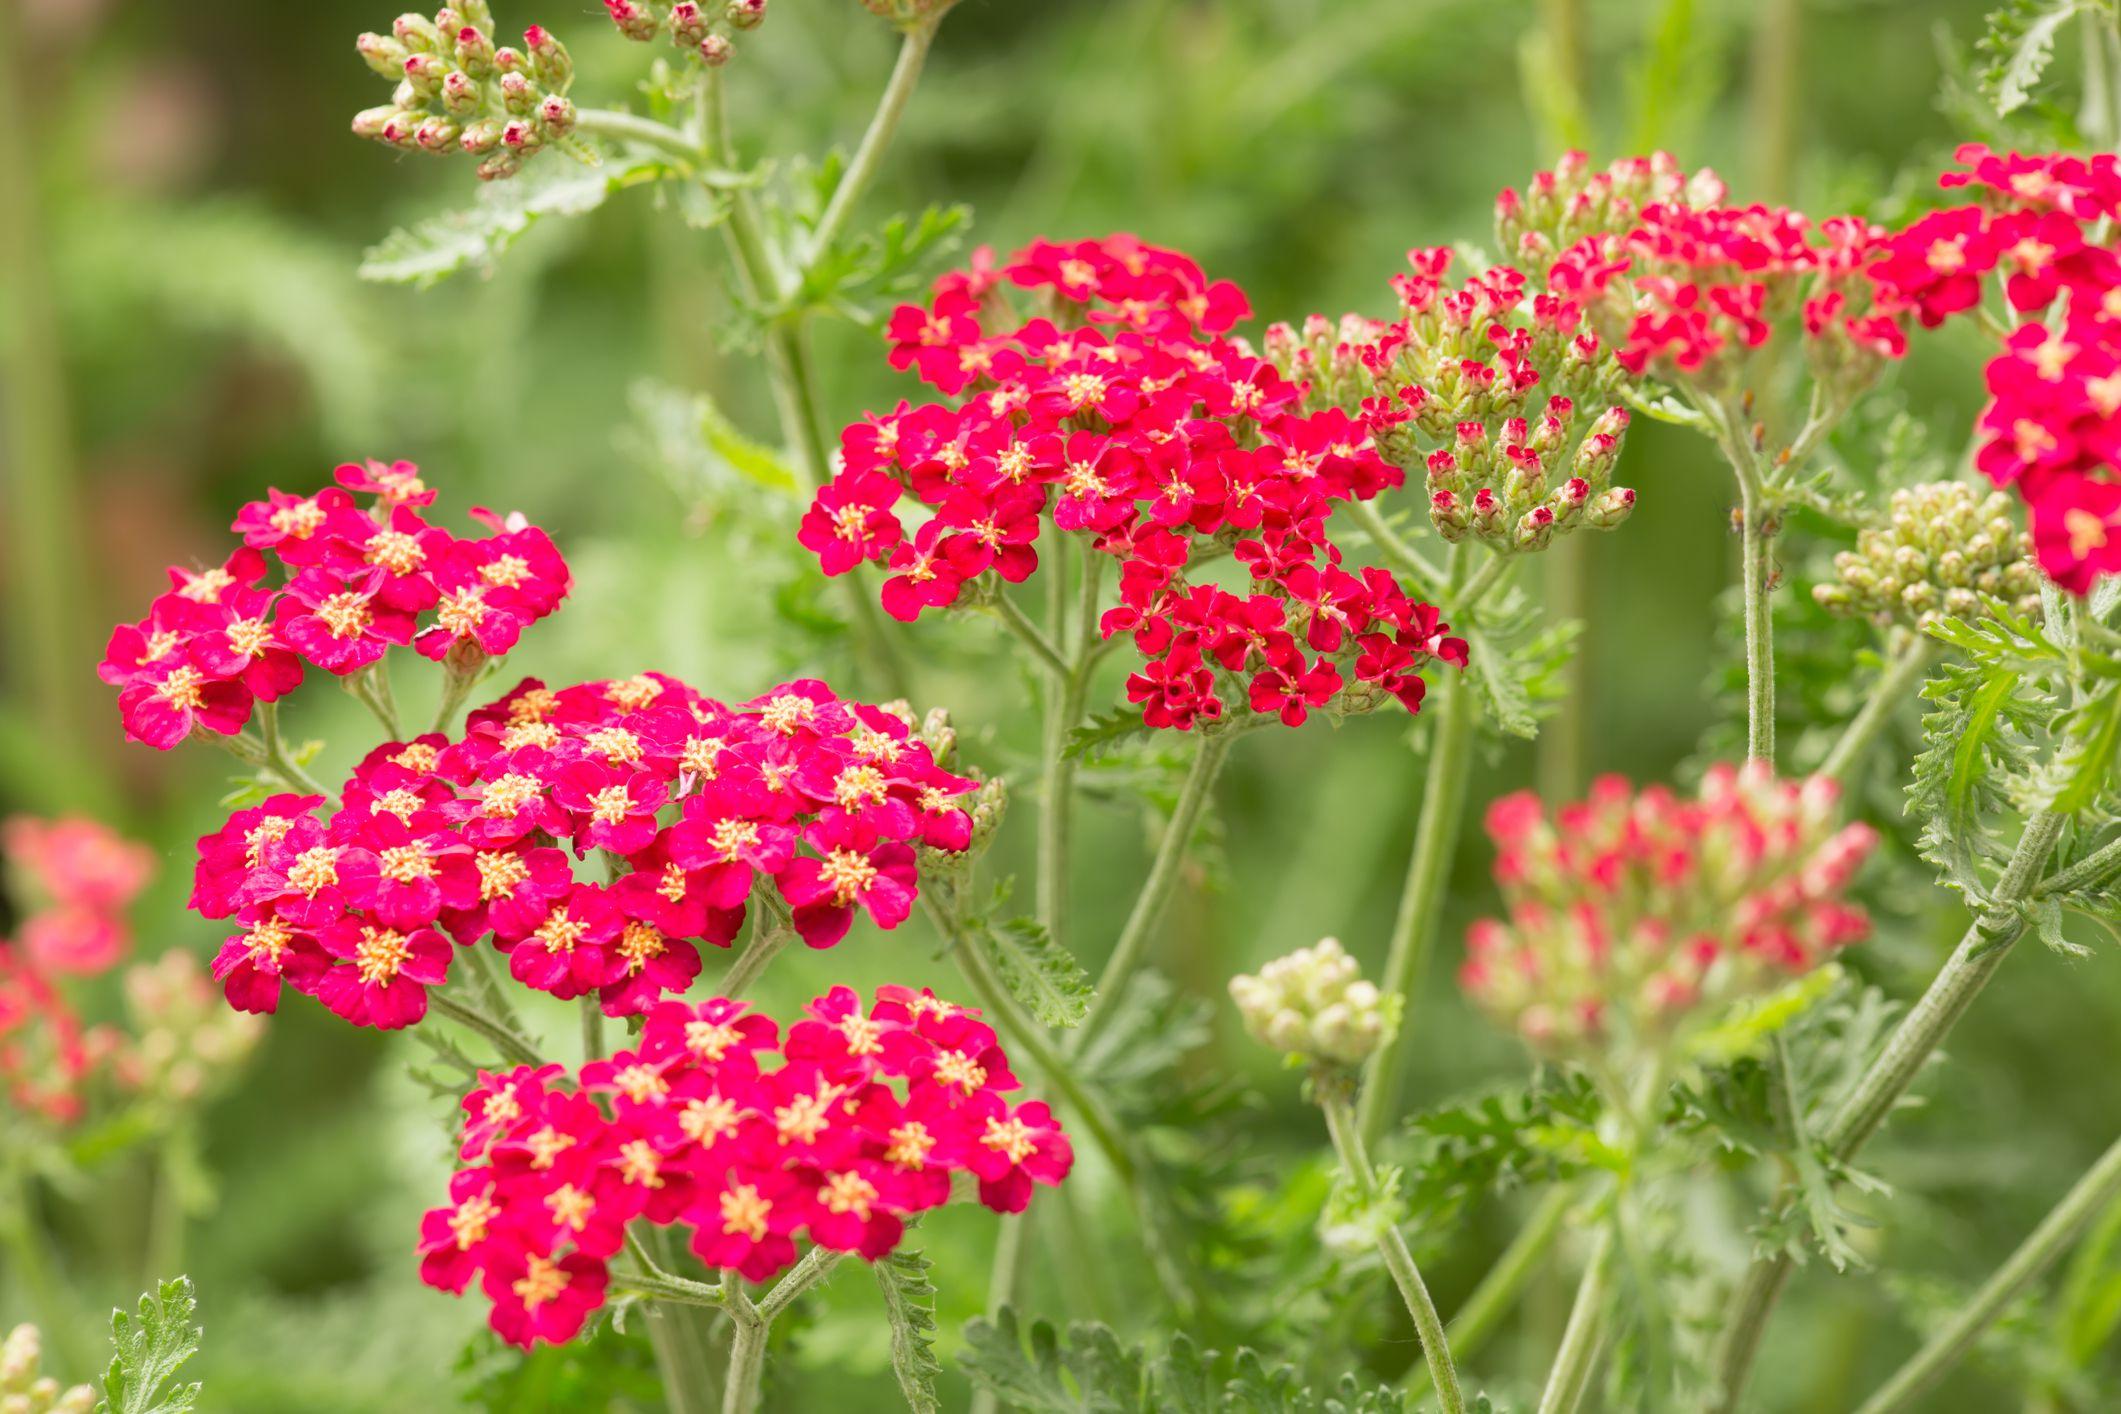 Yarrow (Achillea species) flower (The Spruce)